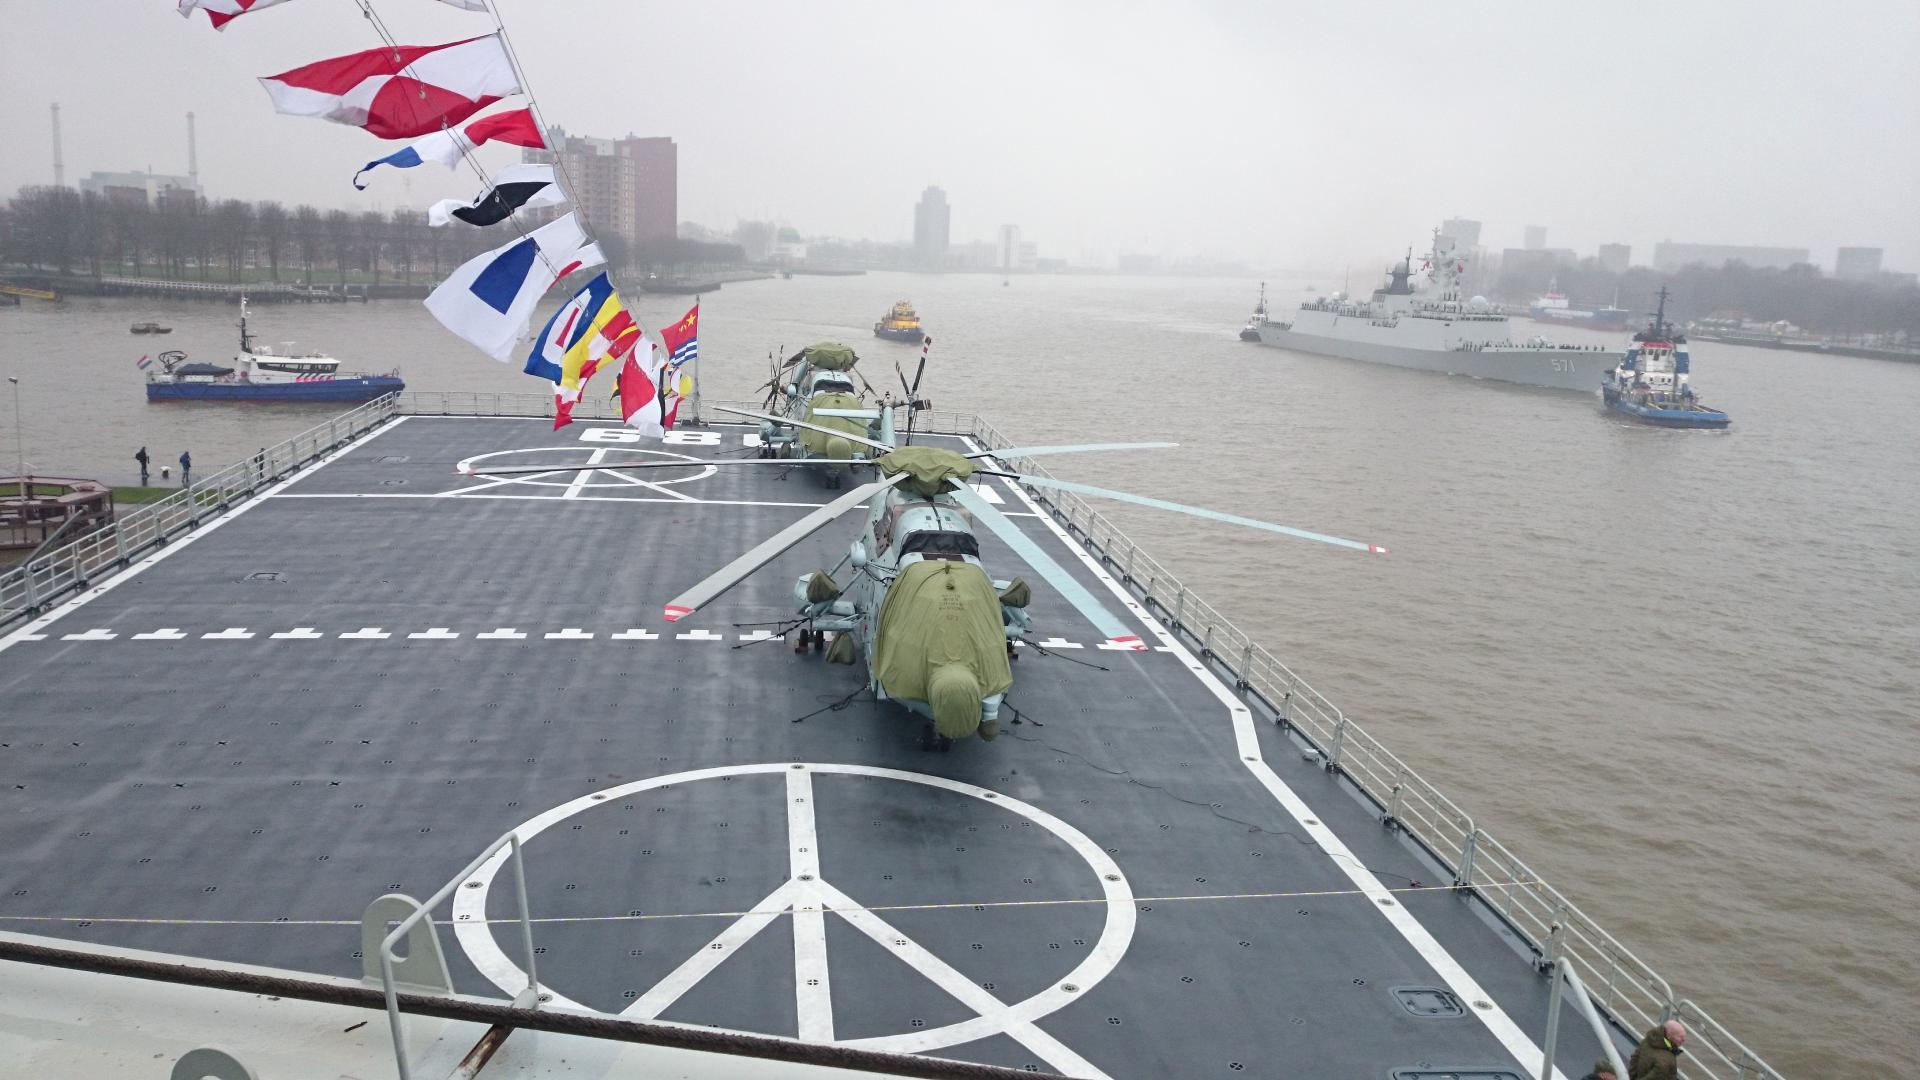 Marina militară olandeză, pavăză NATO